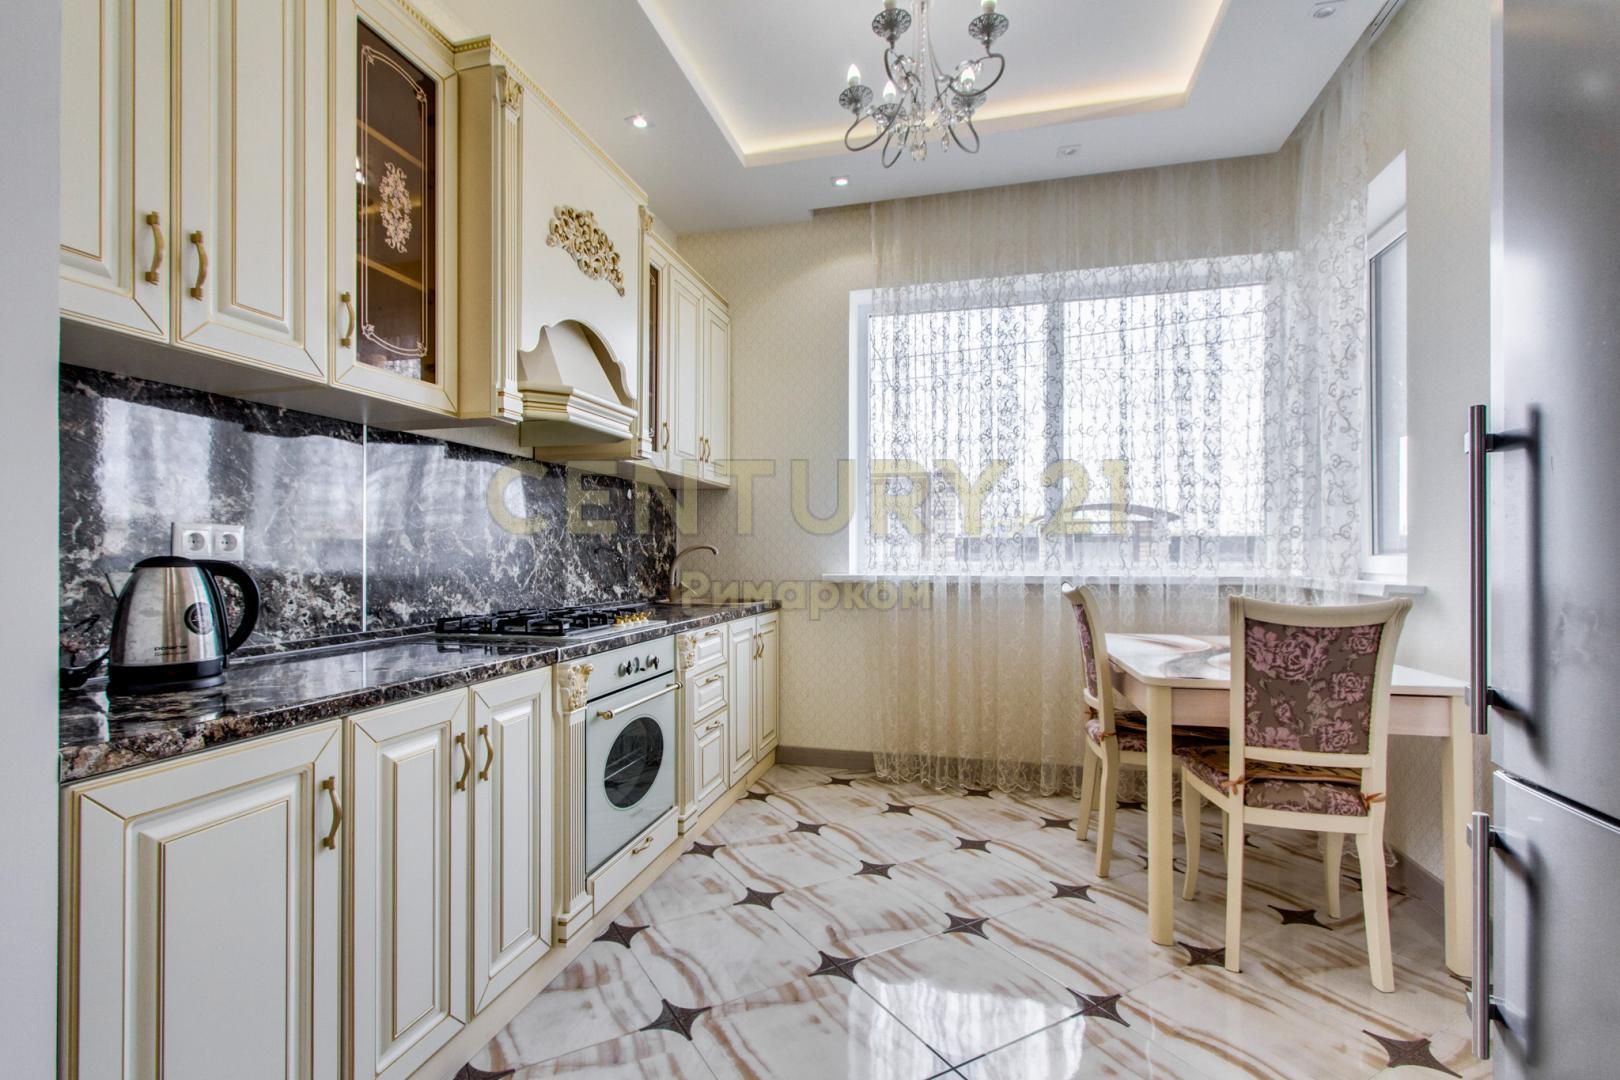 Продам дом по адресу Россия, Москва и Московская область, Ленинский городской округ, Мисайлово, Первомайская улица, 84Б фото 1 по выгодной цене